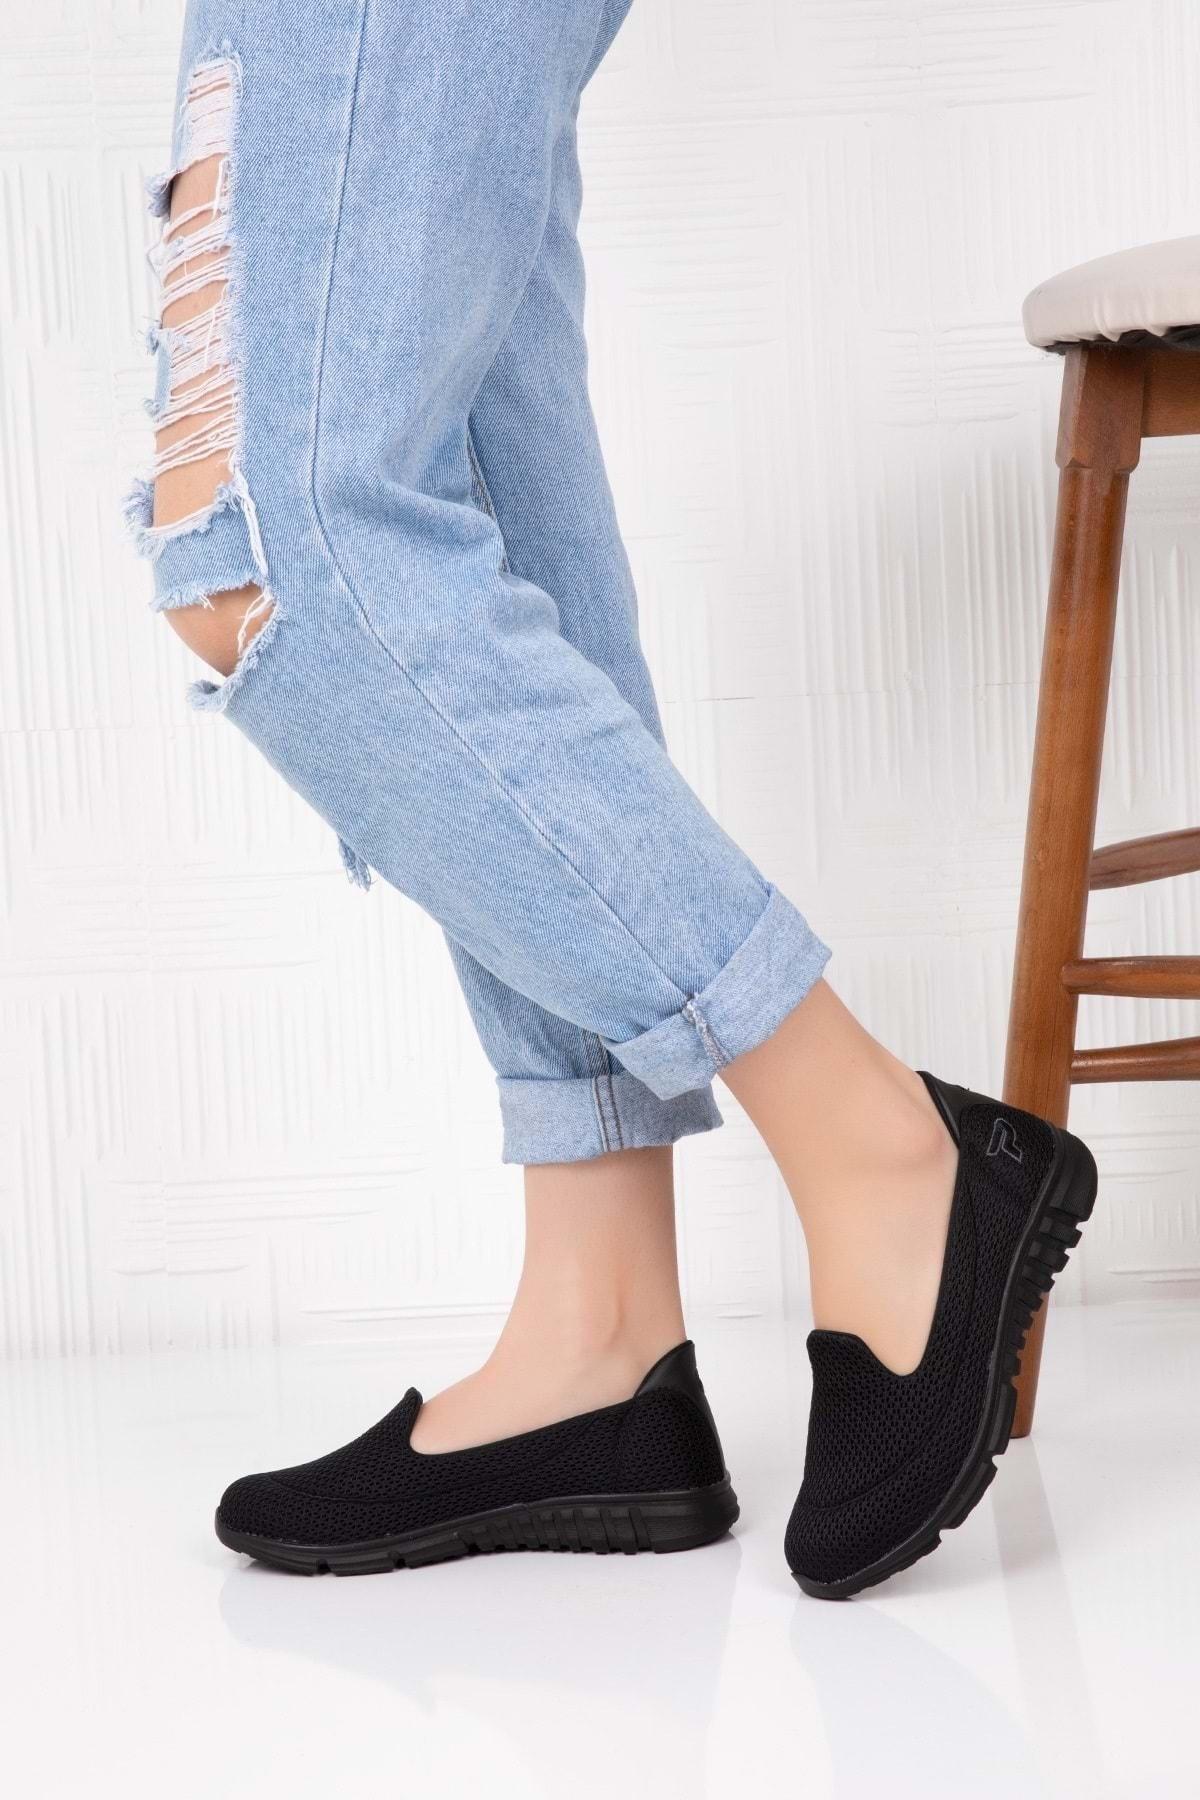 Gondol Kadın Siyah Ortopedik Memory Taban Günlük Ayakkabı Çpç.001 1